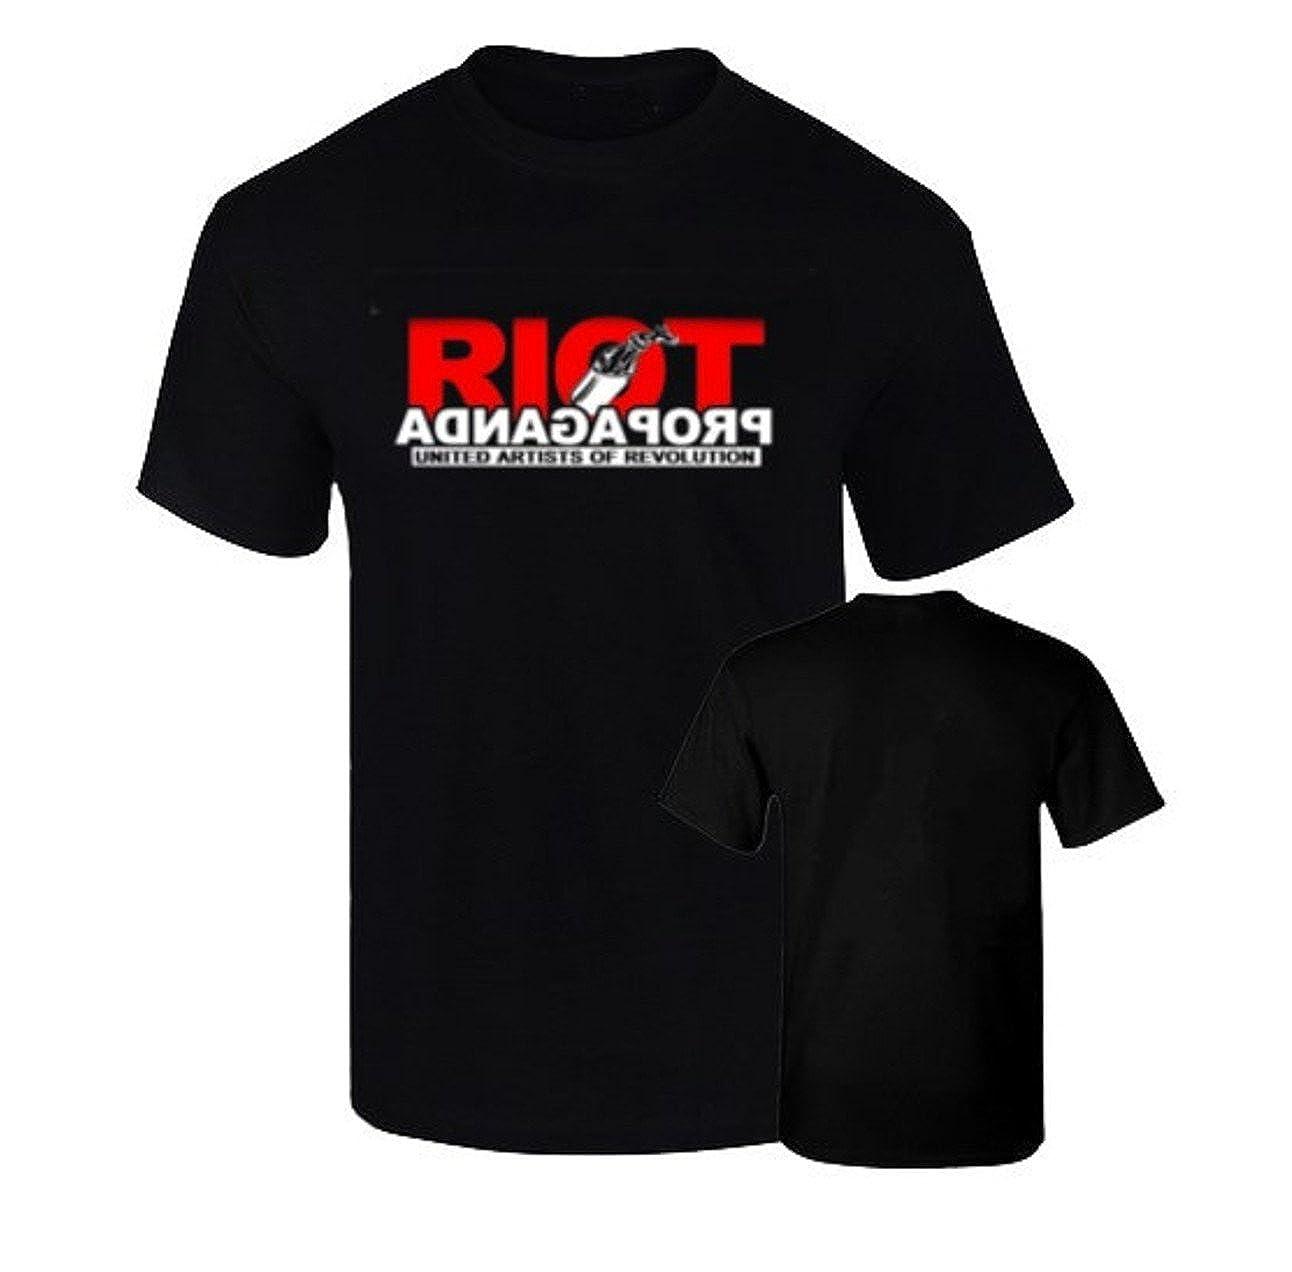 BC Camisetas Riot Propaganda chikos del maiz habeas Corpus Rap Podemos Algodon 190grs: Amazon.es: Ropa y accesorios